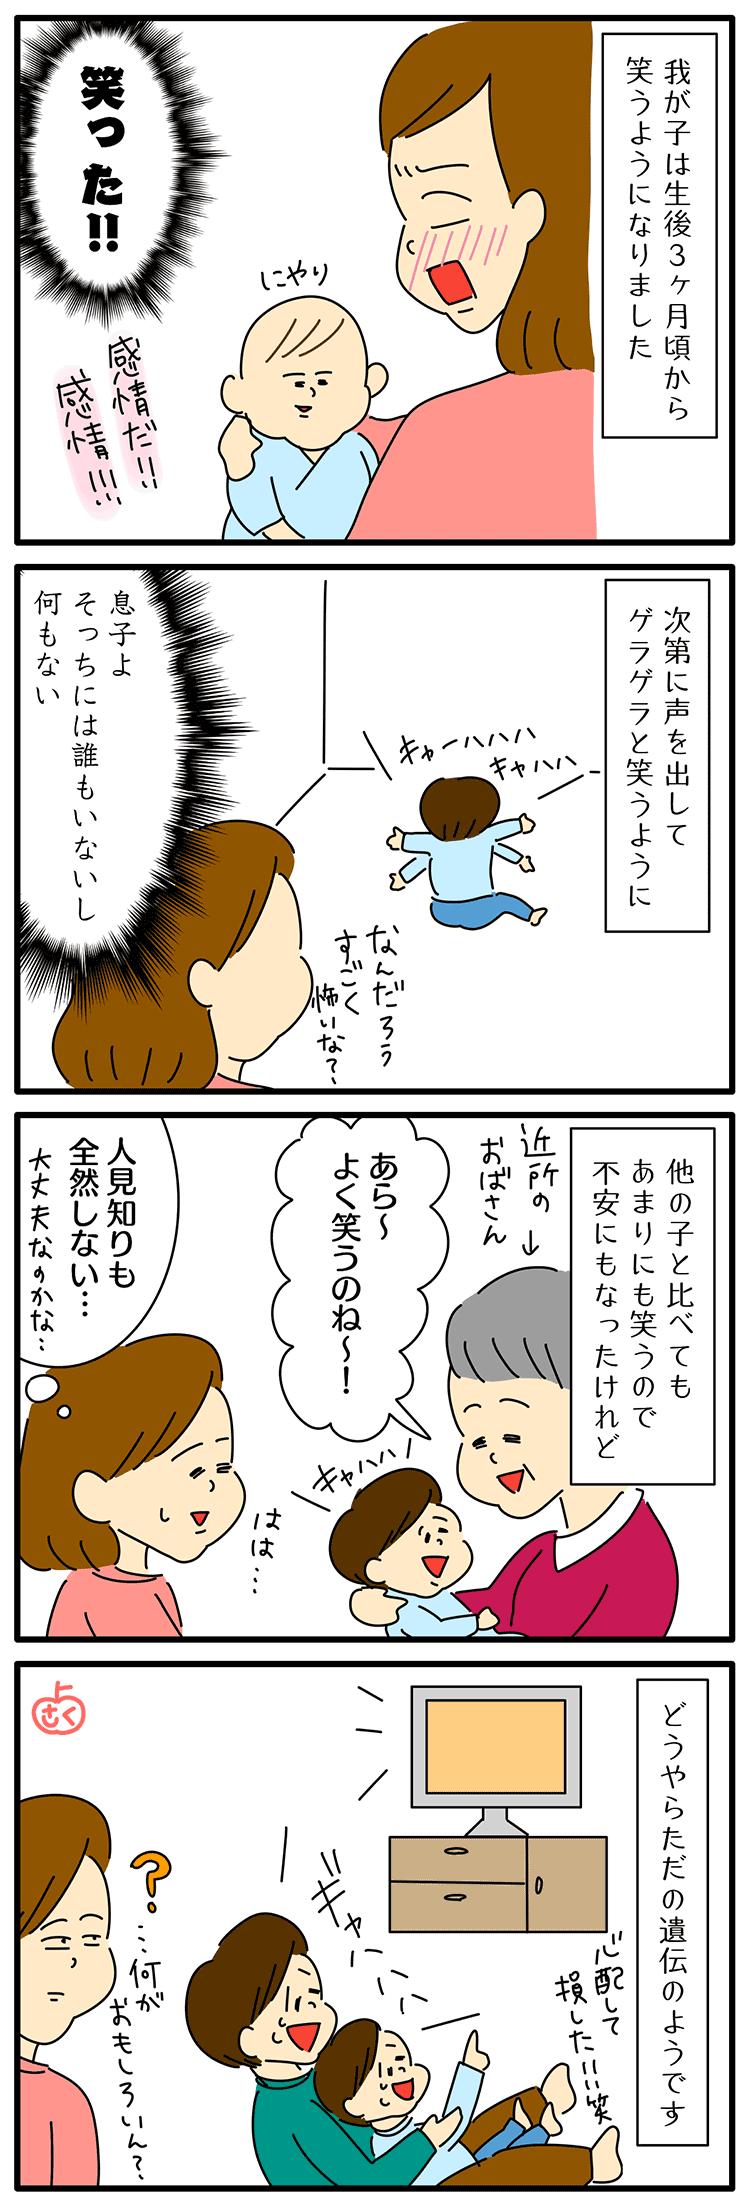 赤ちゃんがよく笑う永岡さくら(saku)さんの子育て4コマ漫画